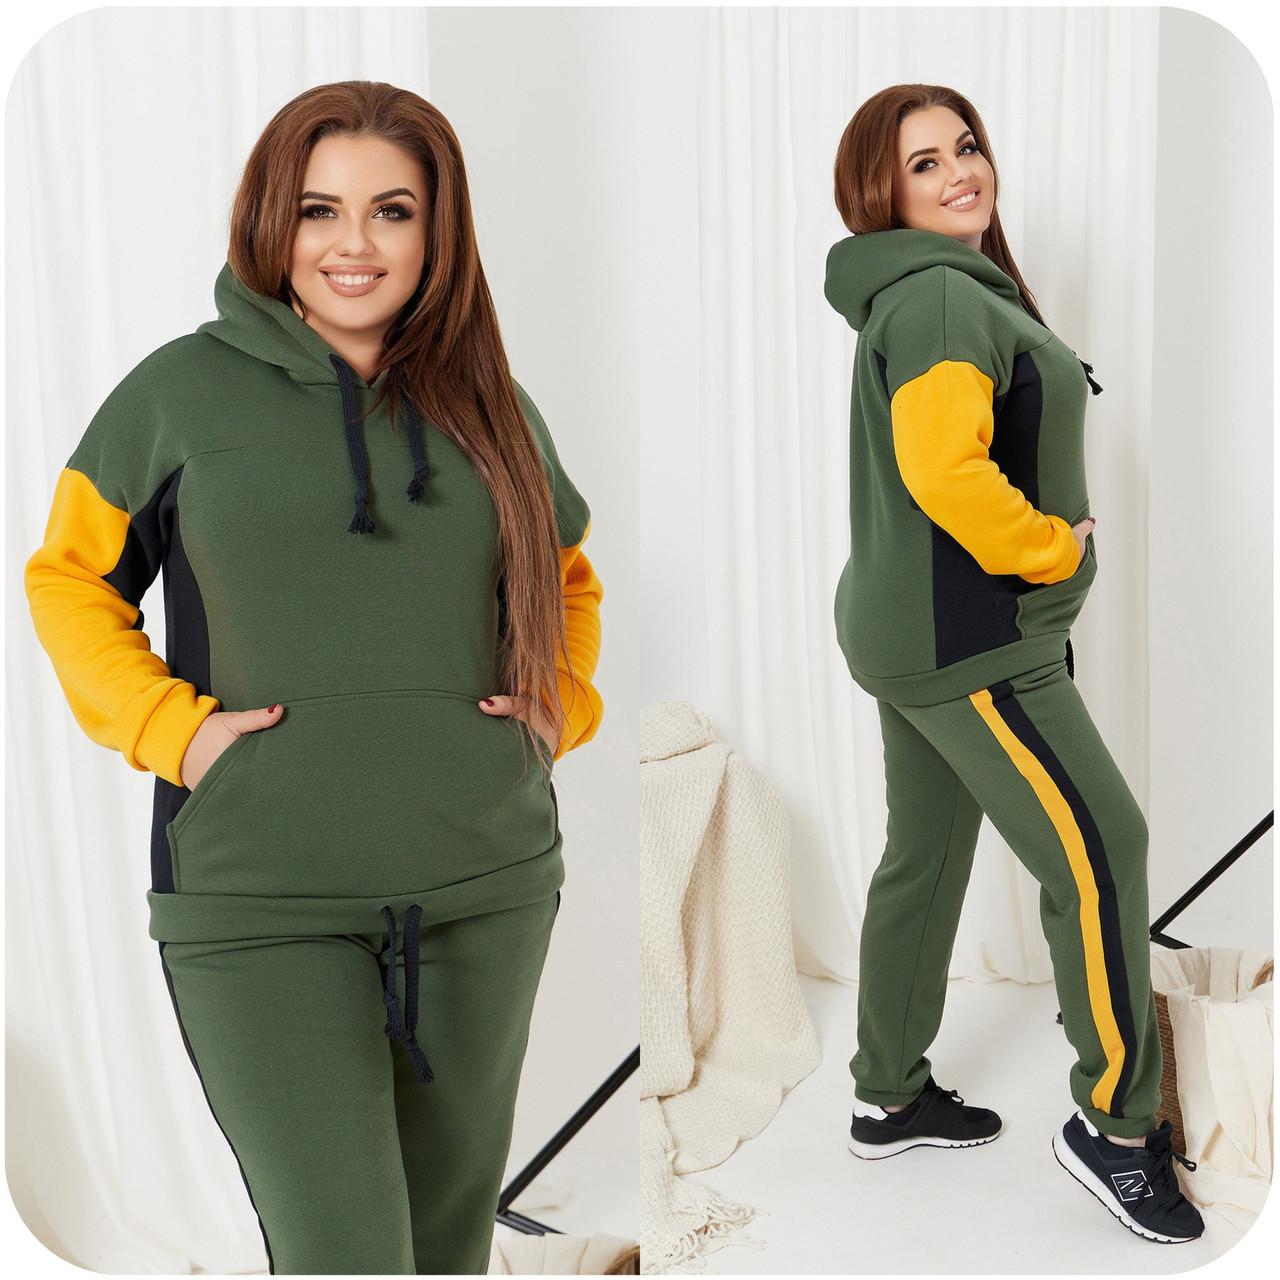 Стильный и тёплый прогулочный костюм - толстовка+штаны, разные цвета р.48-50,52-54,56-58,60-62,64-66 Код 3382Ф